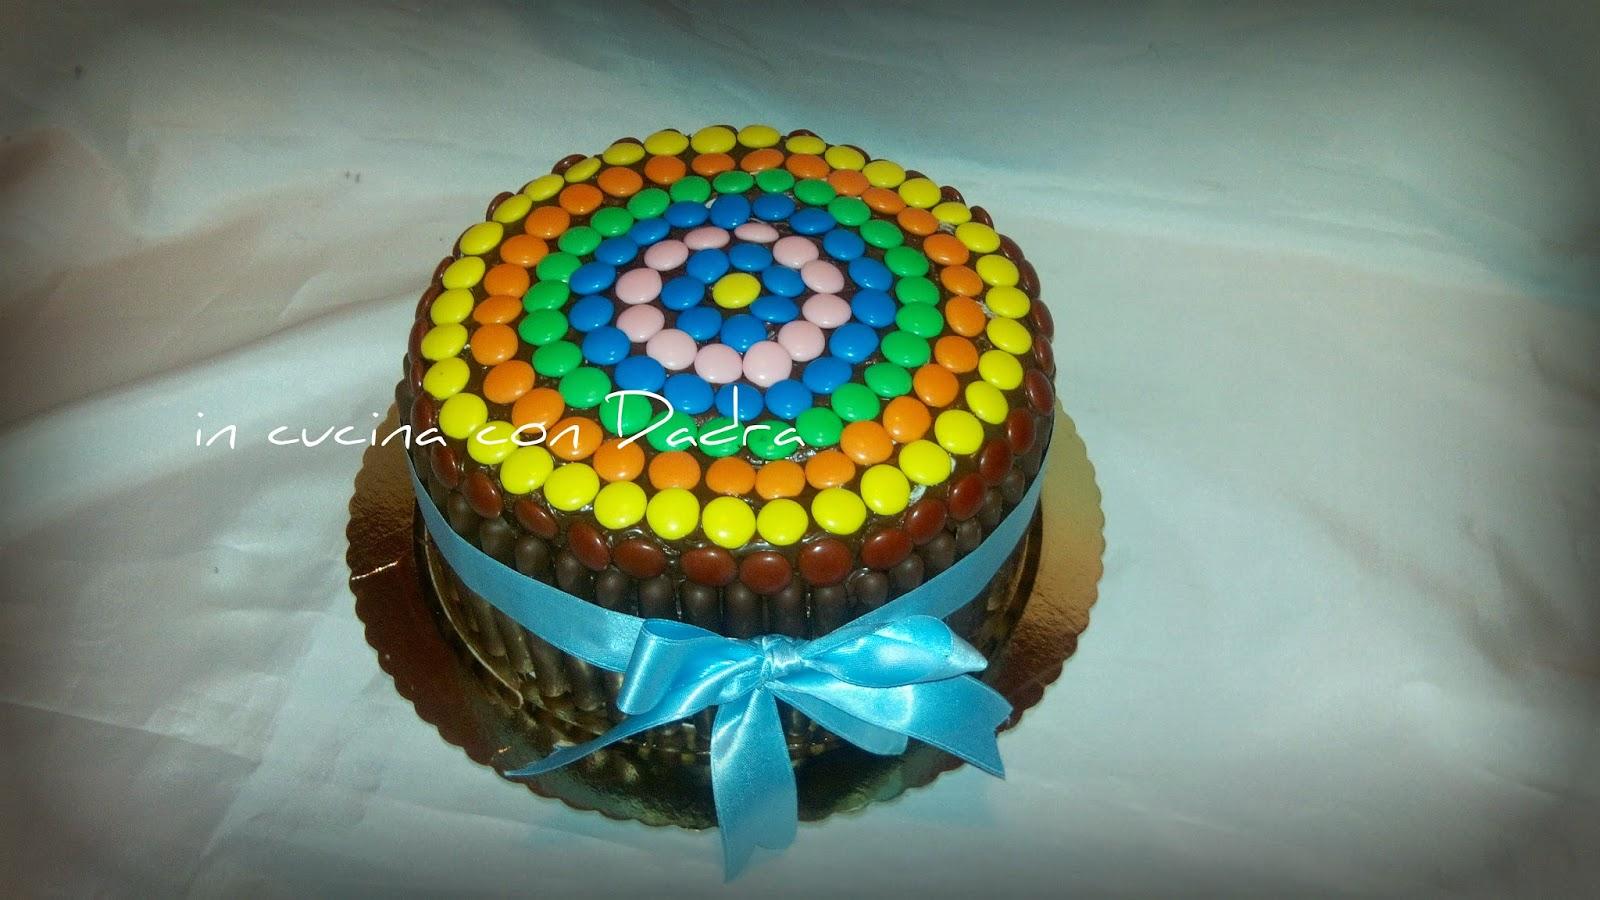 compleanno a colori... torta con piccoli bottoni di cioccolata colorati...